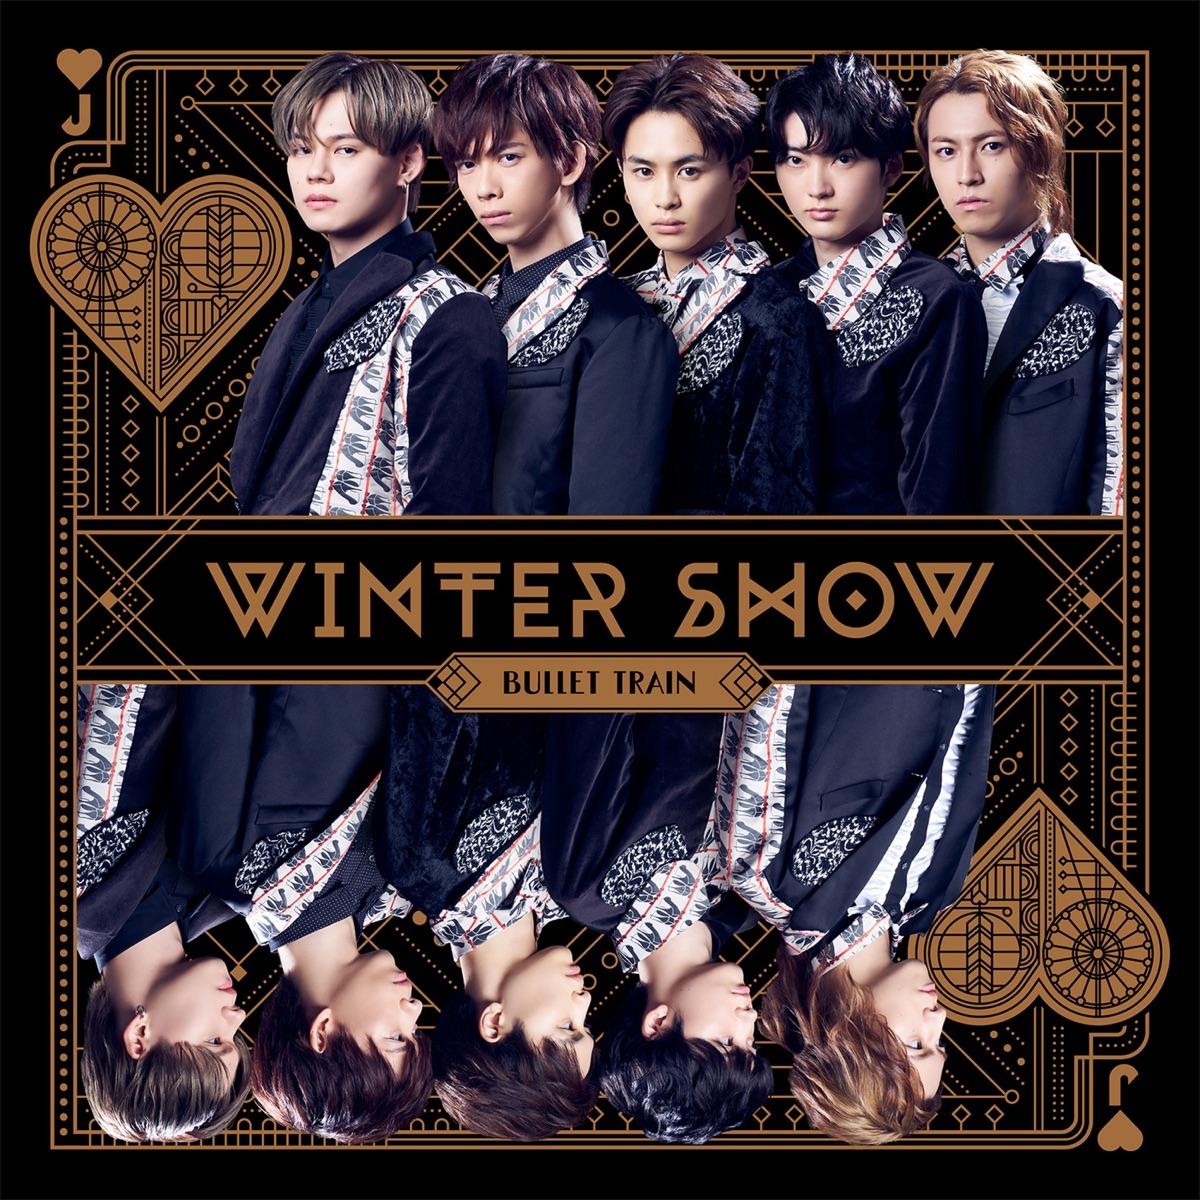 『超特急 - Winter Show』収録の『Winter Show』ジャケット